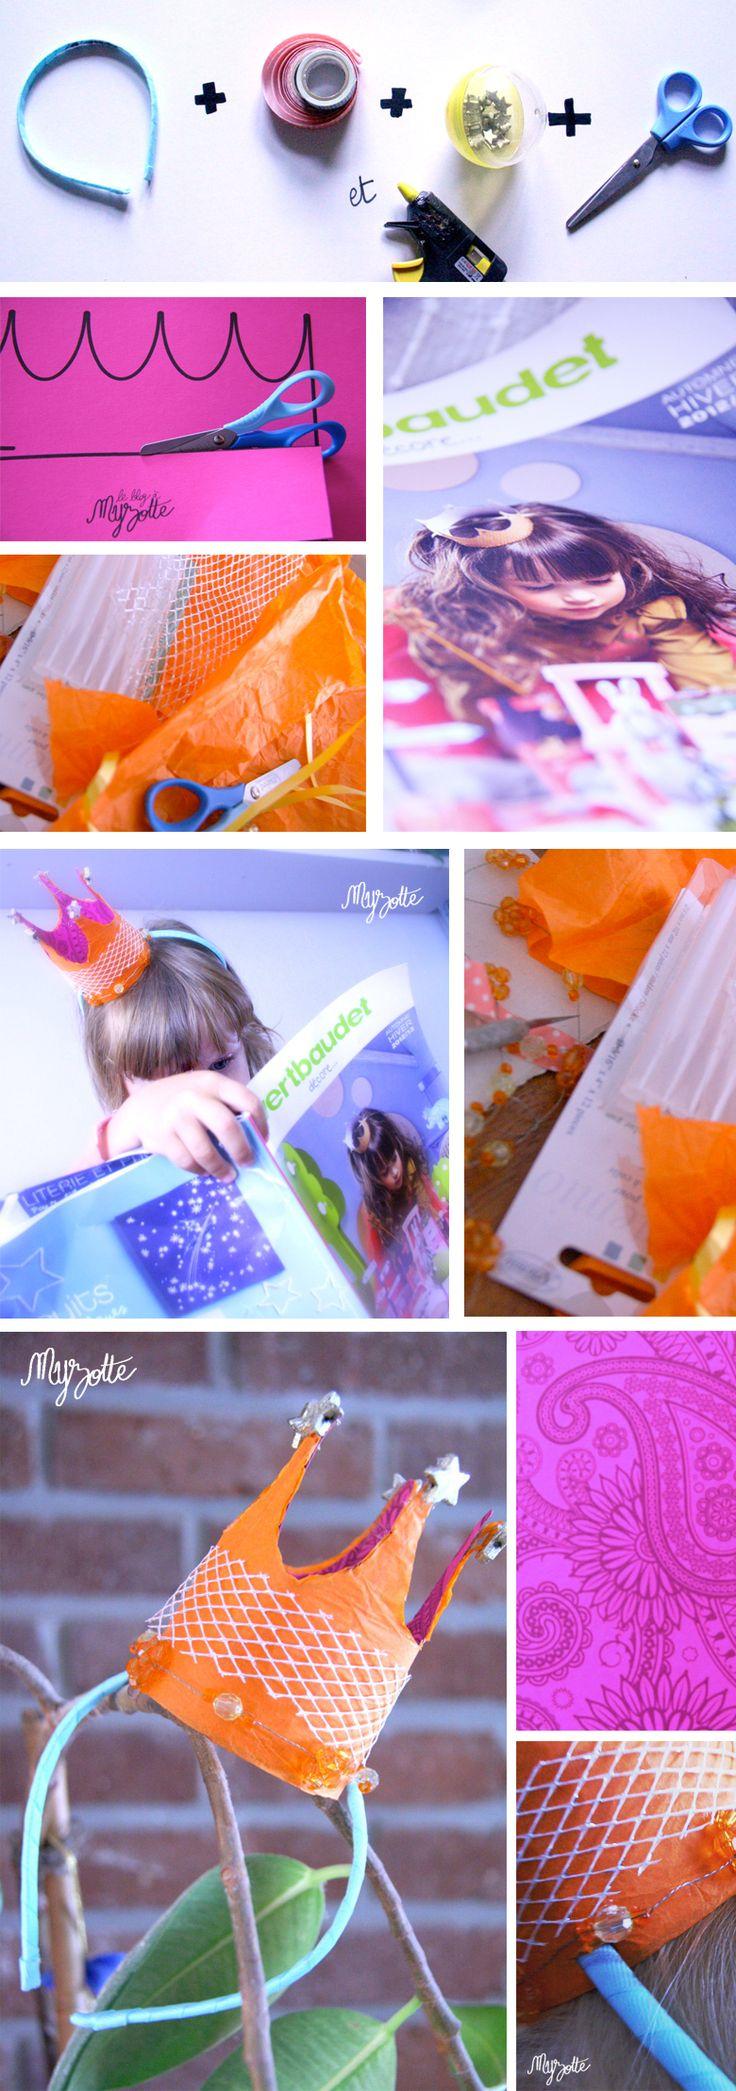 """Couronnage (de princesse) © Myzotte .  Création manuelle inspirée par la couronne de la petite fille en couverture du VERT BAUDETT """"Décore"""" saison hiver 2012-2013."""